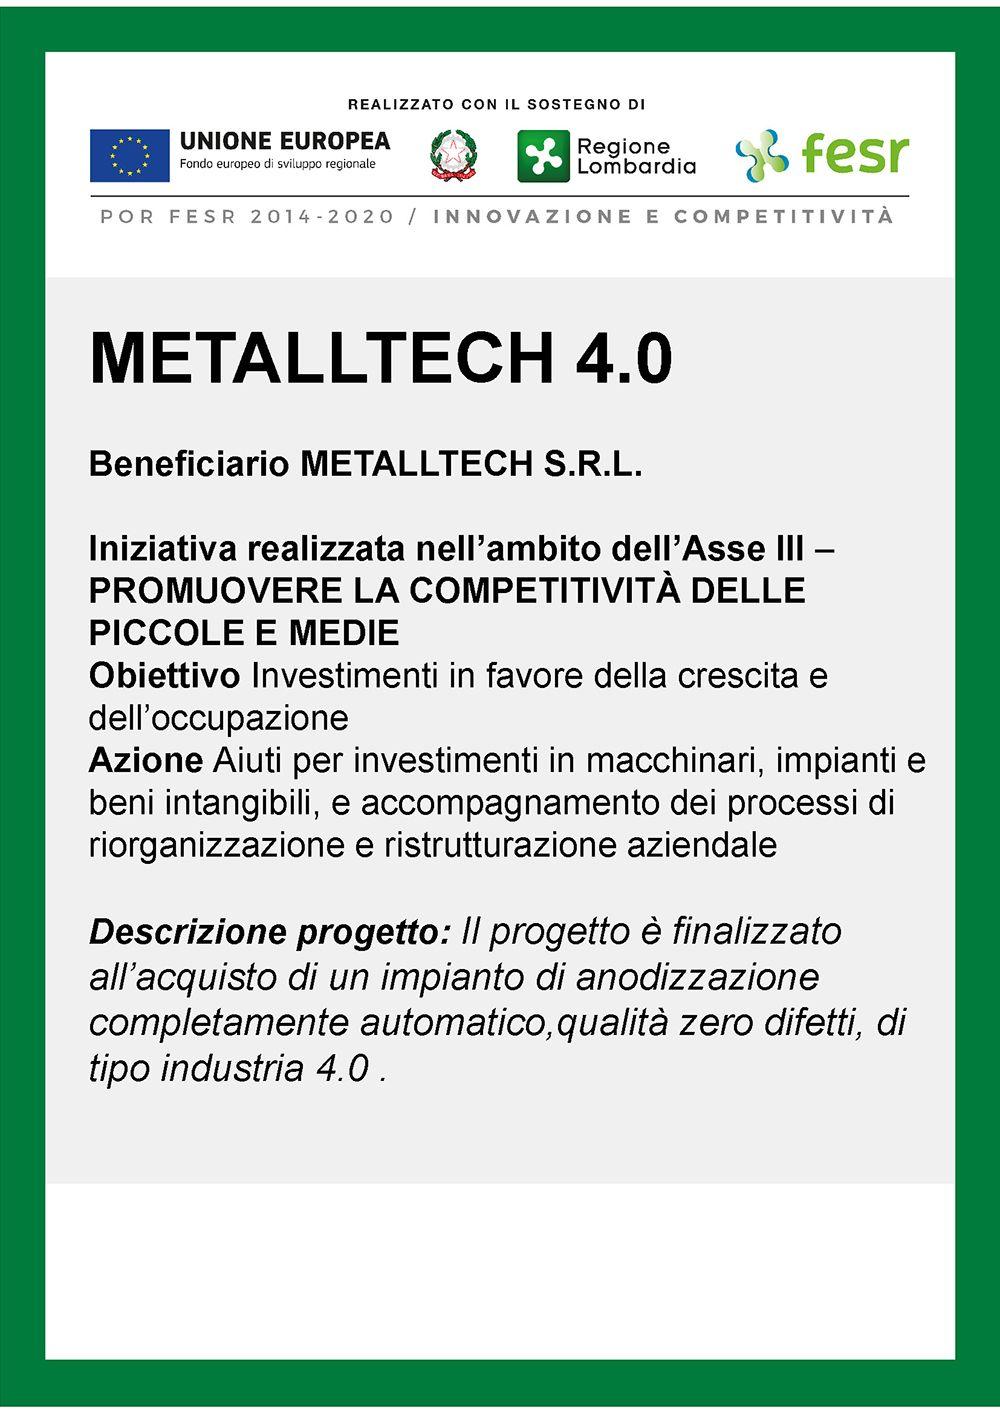 metalltec 4.0